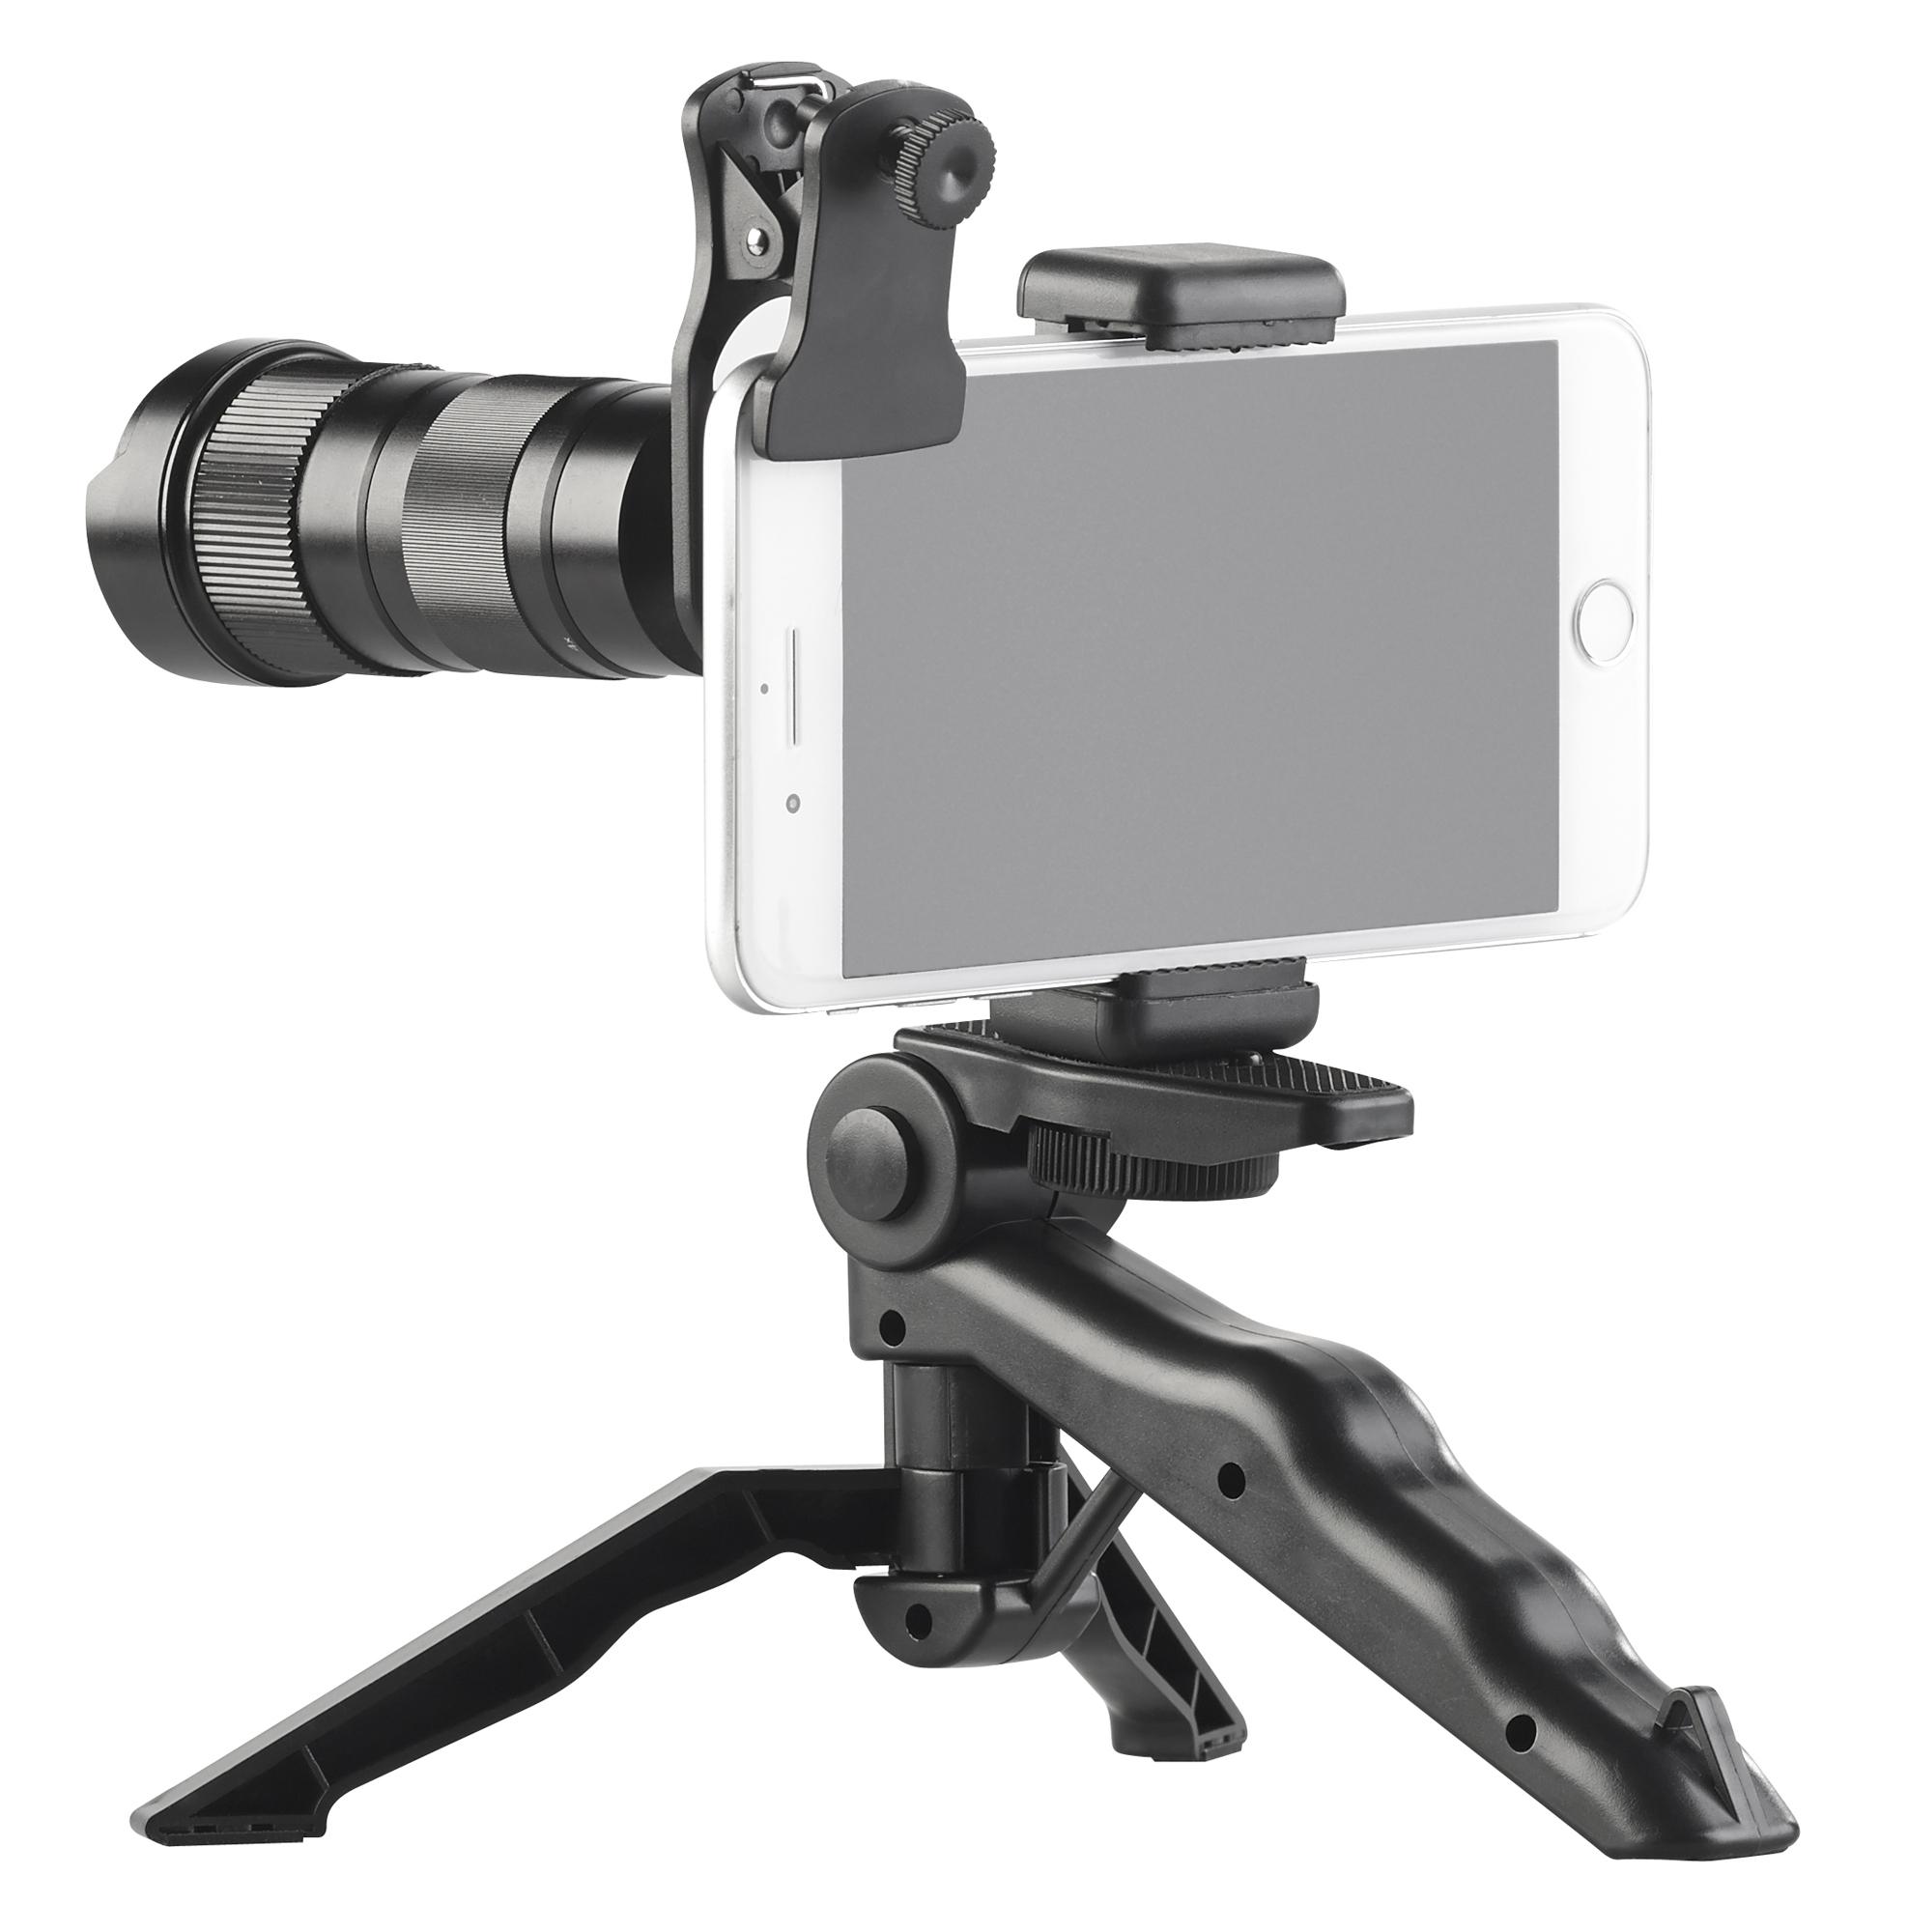 Somikon Vorsatz-Tele-Zoom-Objektiv CVL-250.zoom 4x – 12x